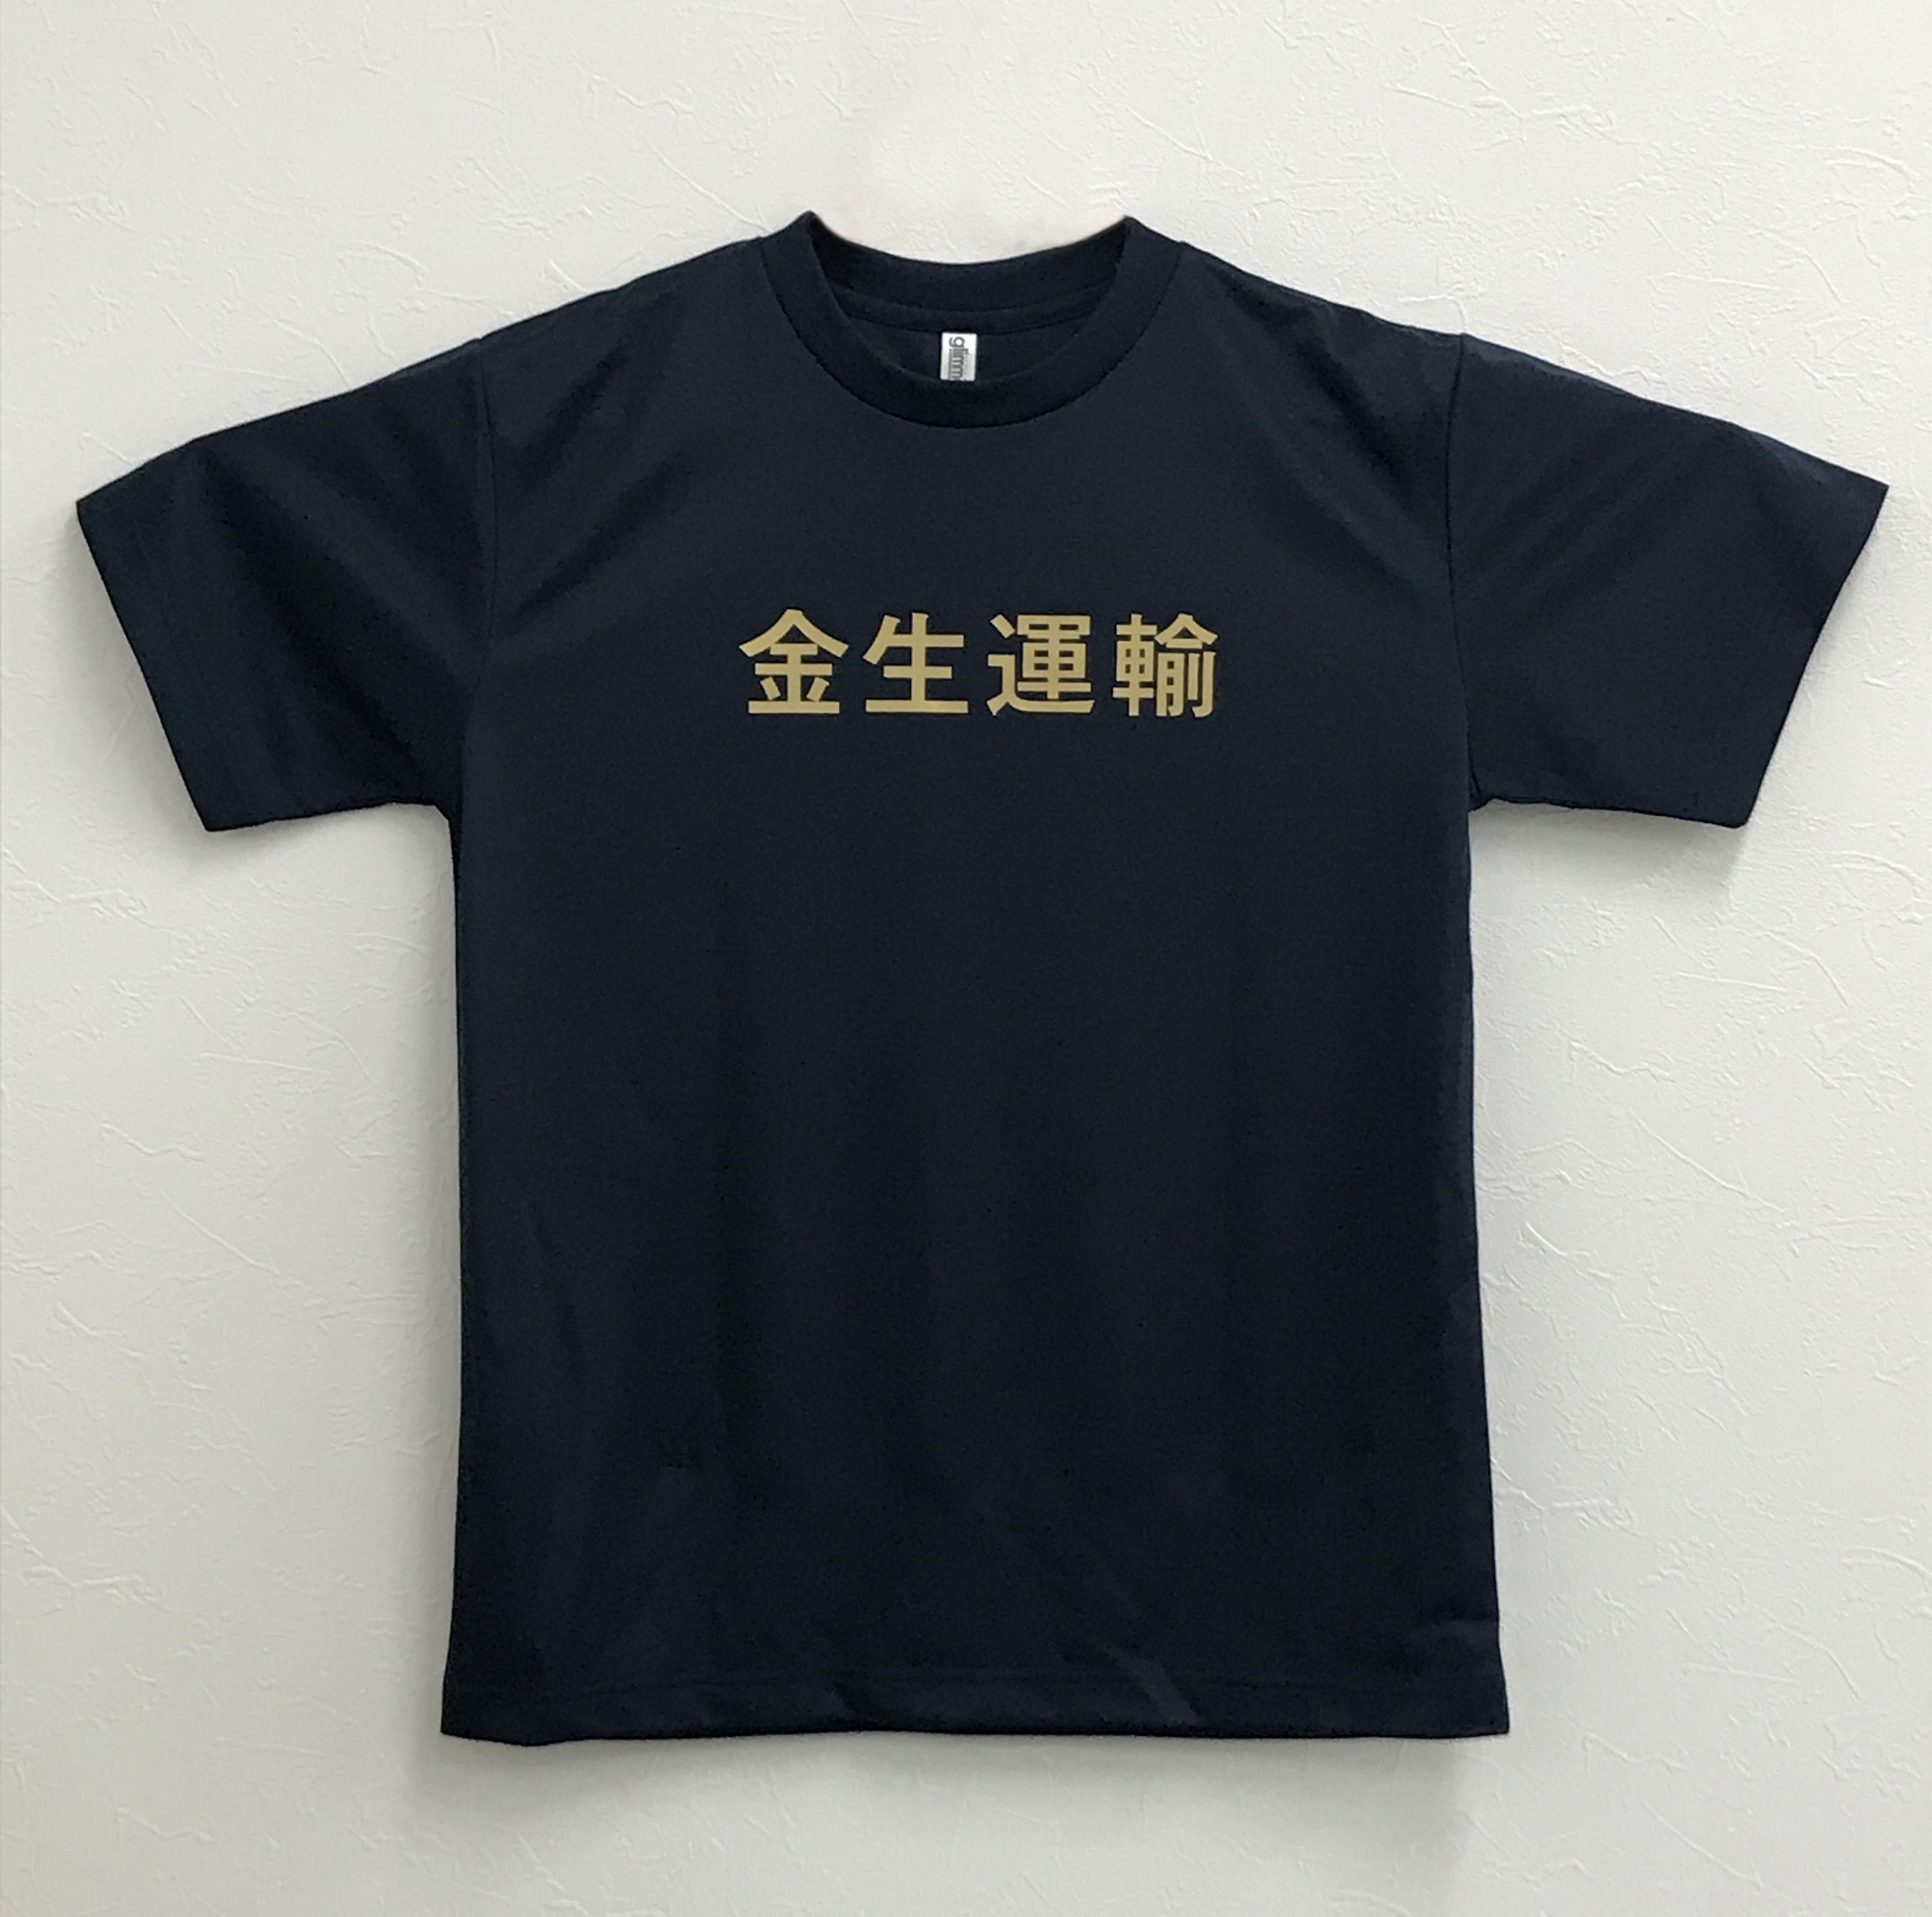 金生運輸Tシャツ